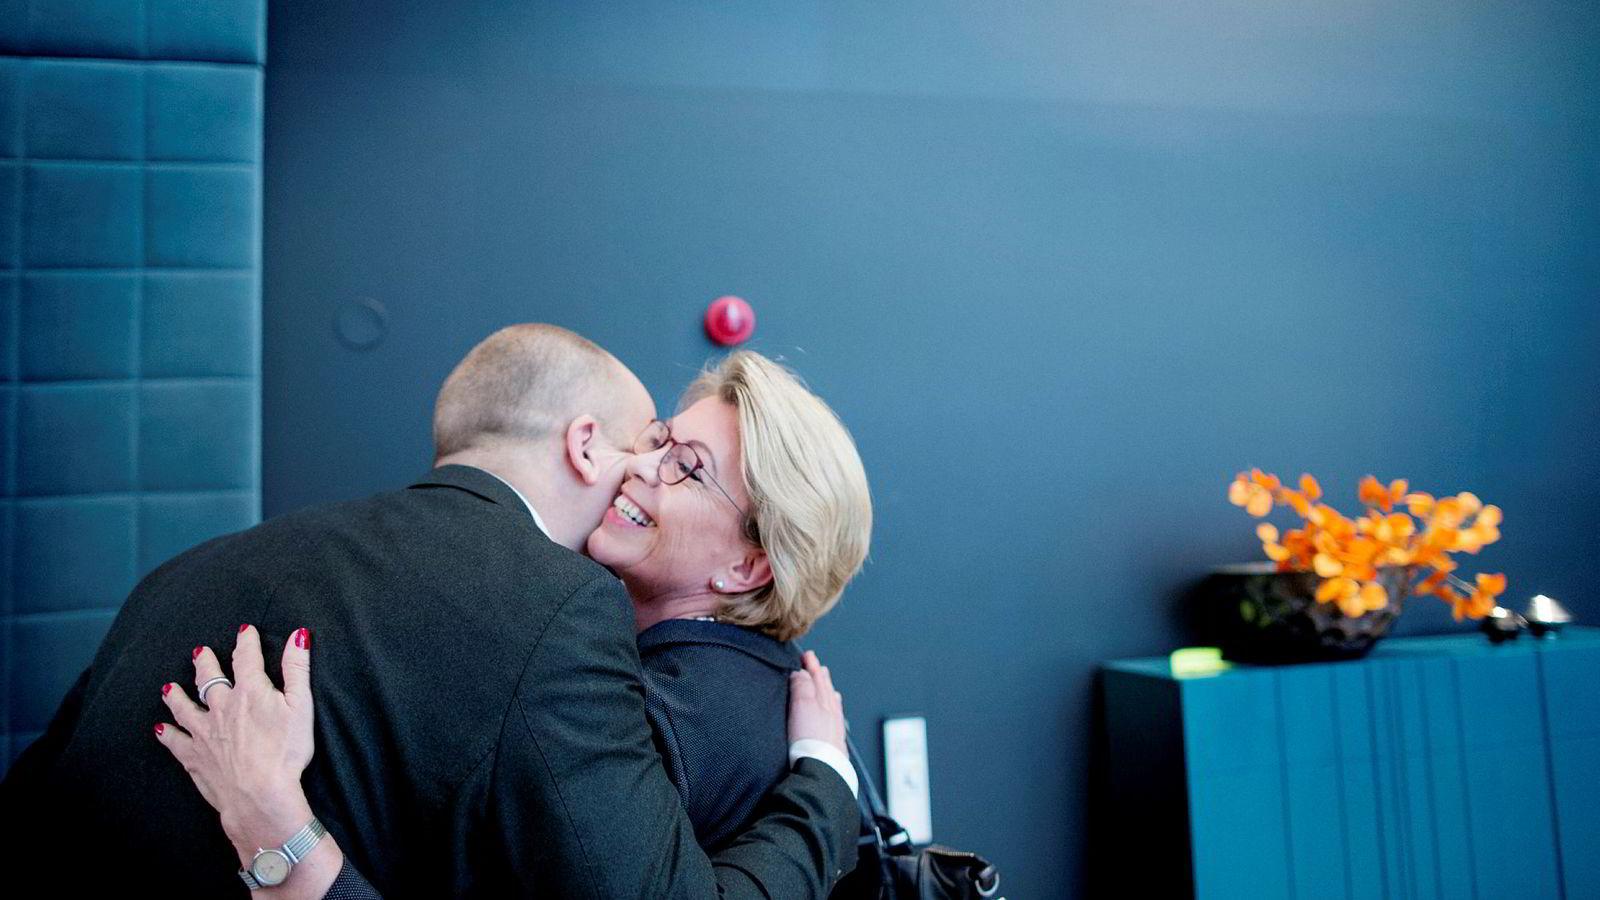 Tidligere Senterparti-leder og oljeminister Åslaug Haga, som her får en klem av partileder Trygve Slagsmål Vedum, vil ha en sluttdato for norsk olje og gass.